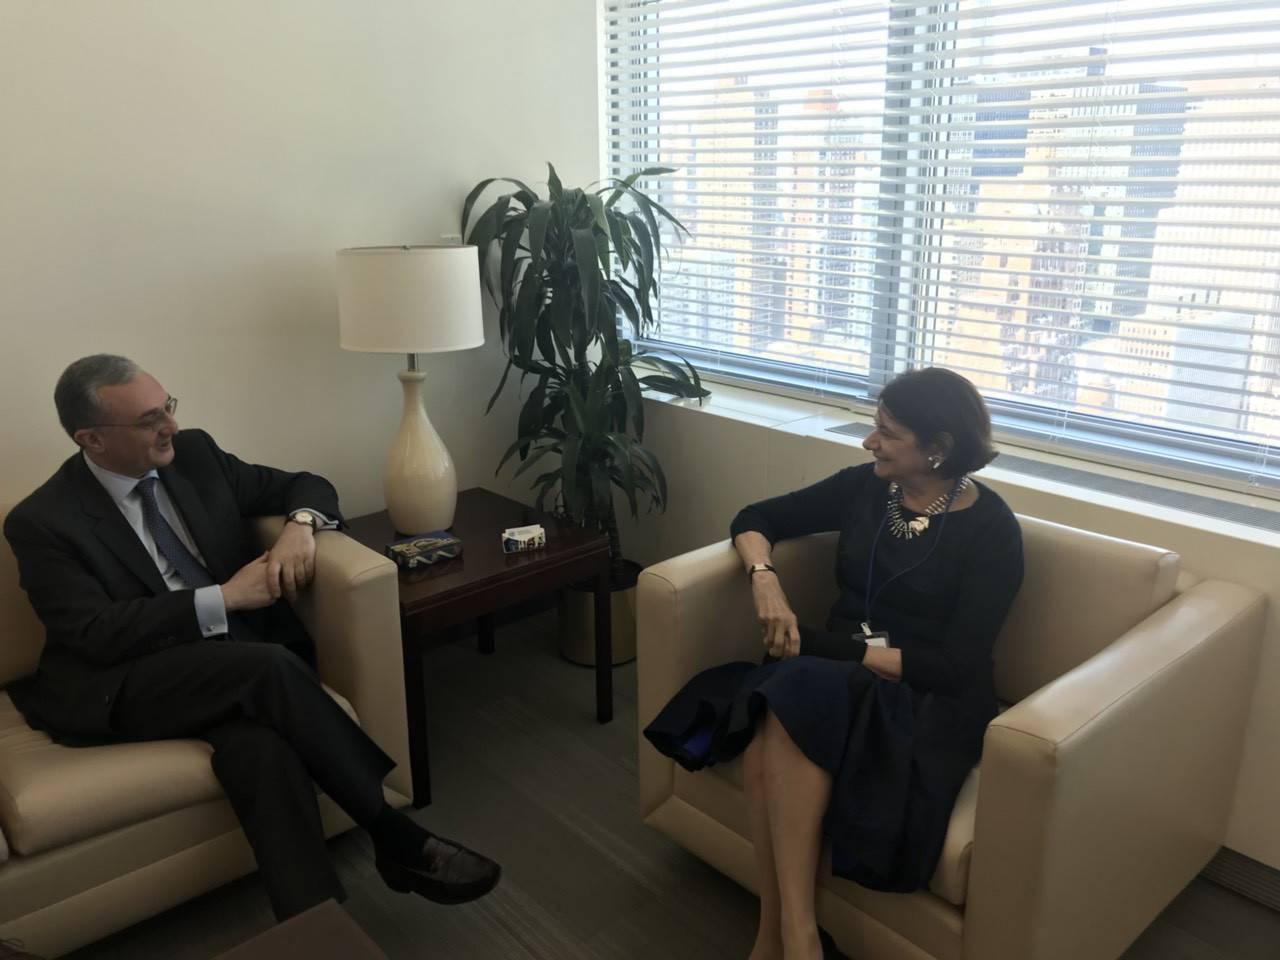 ԱԳ նախարար Մնացականյանը հանդիպեց ՄԱԿ-ի գլխավոր քարտուղարի տեղակալ Ռոսմարի Դիկարլոյին